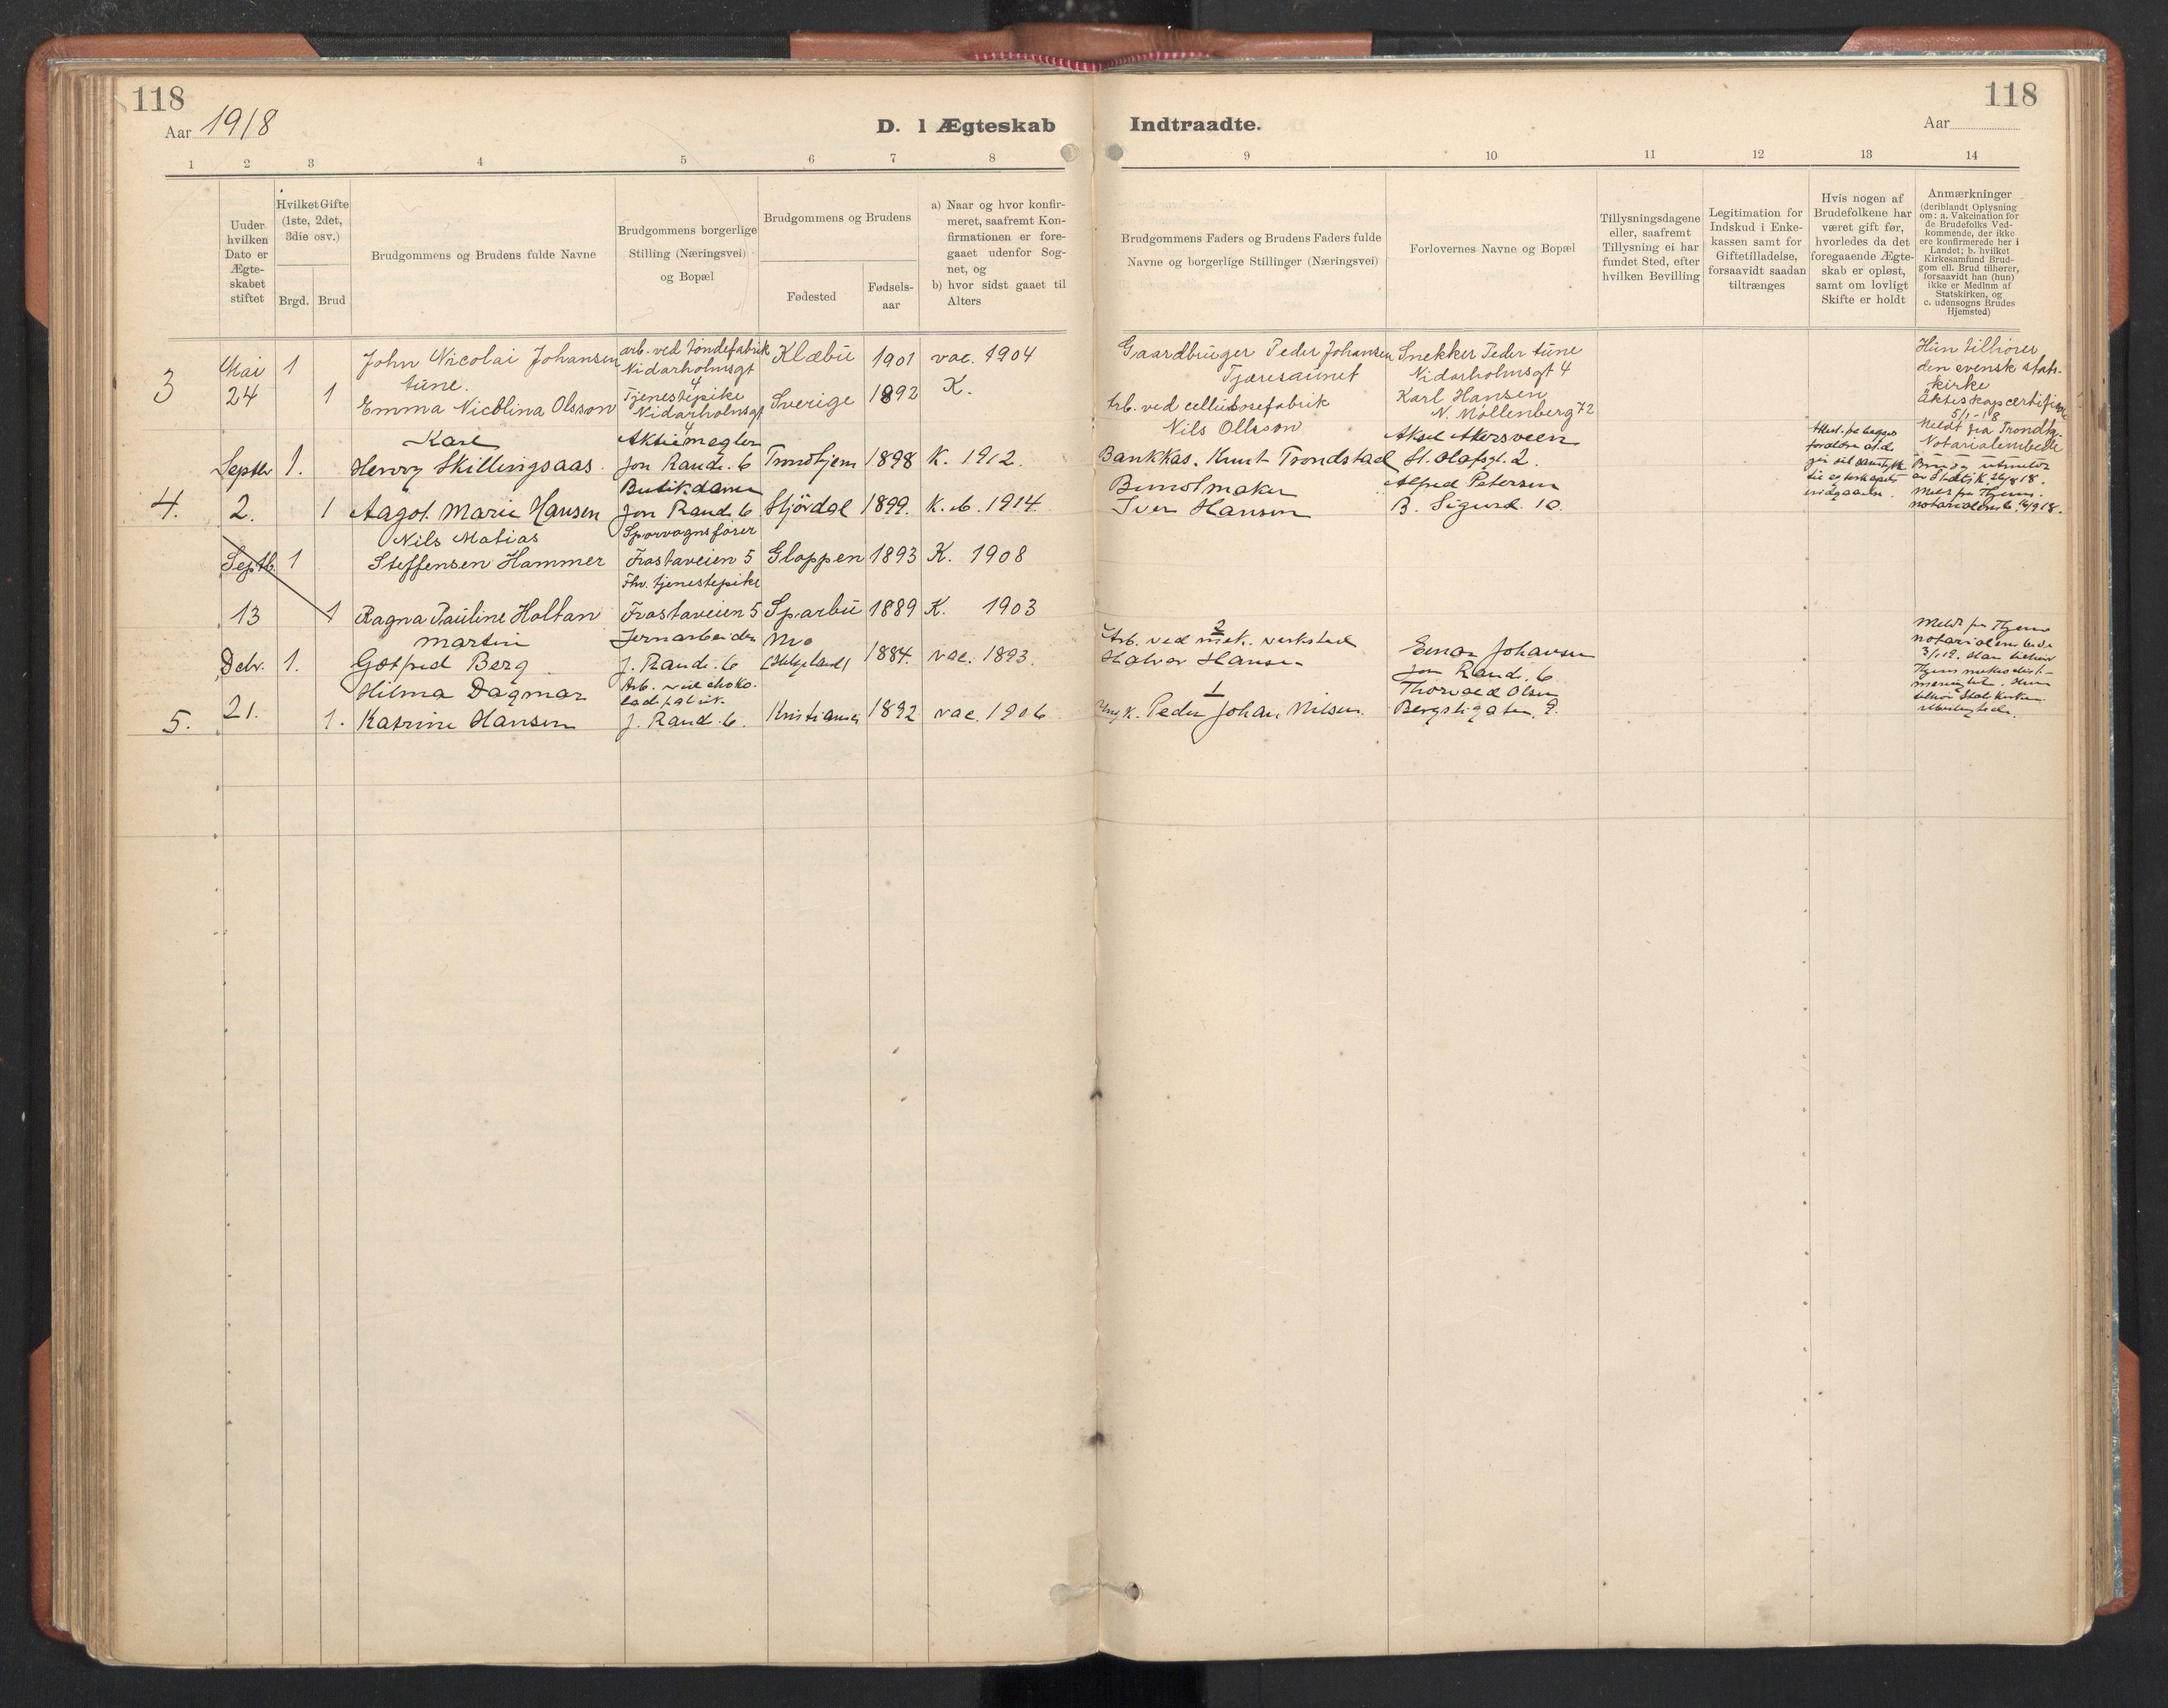 SAT, Ministerialprotokoller, klokkerbøker og fødselsregistre - Sør-Trøndelag, 605/L0244: Ministerialbok nr. 605A06, 1908-1954, s. 118